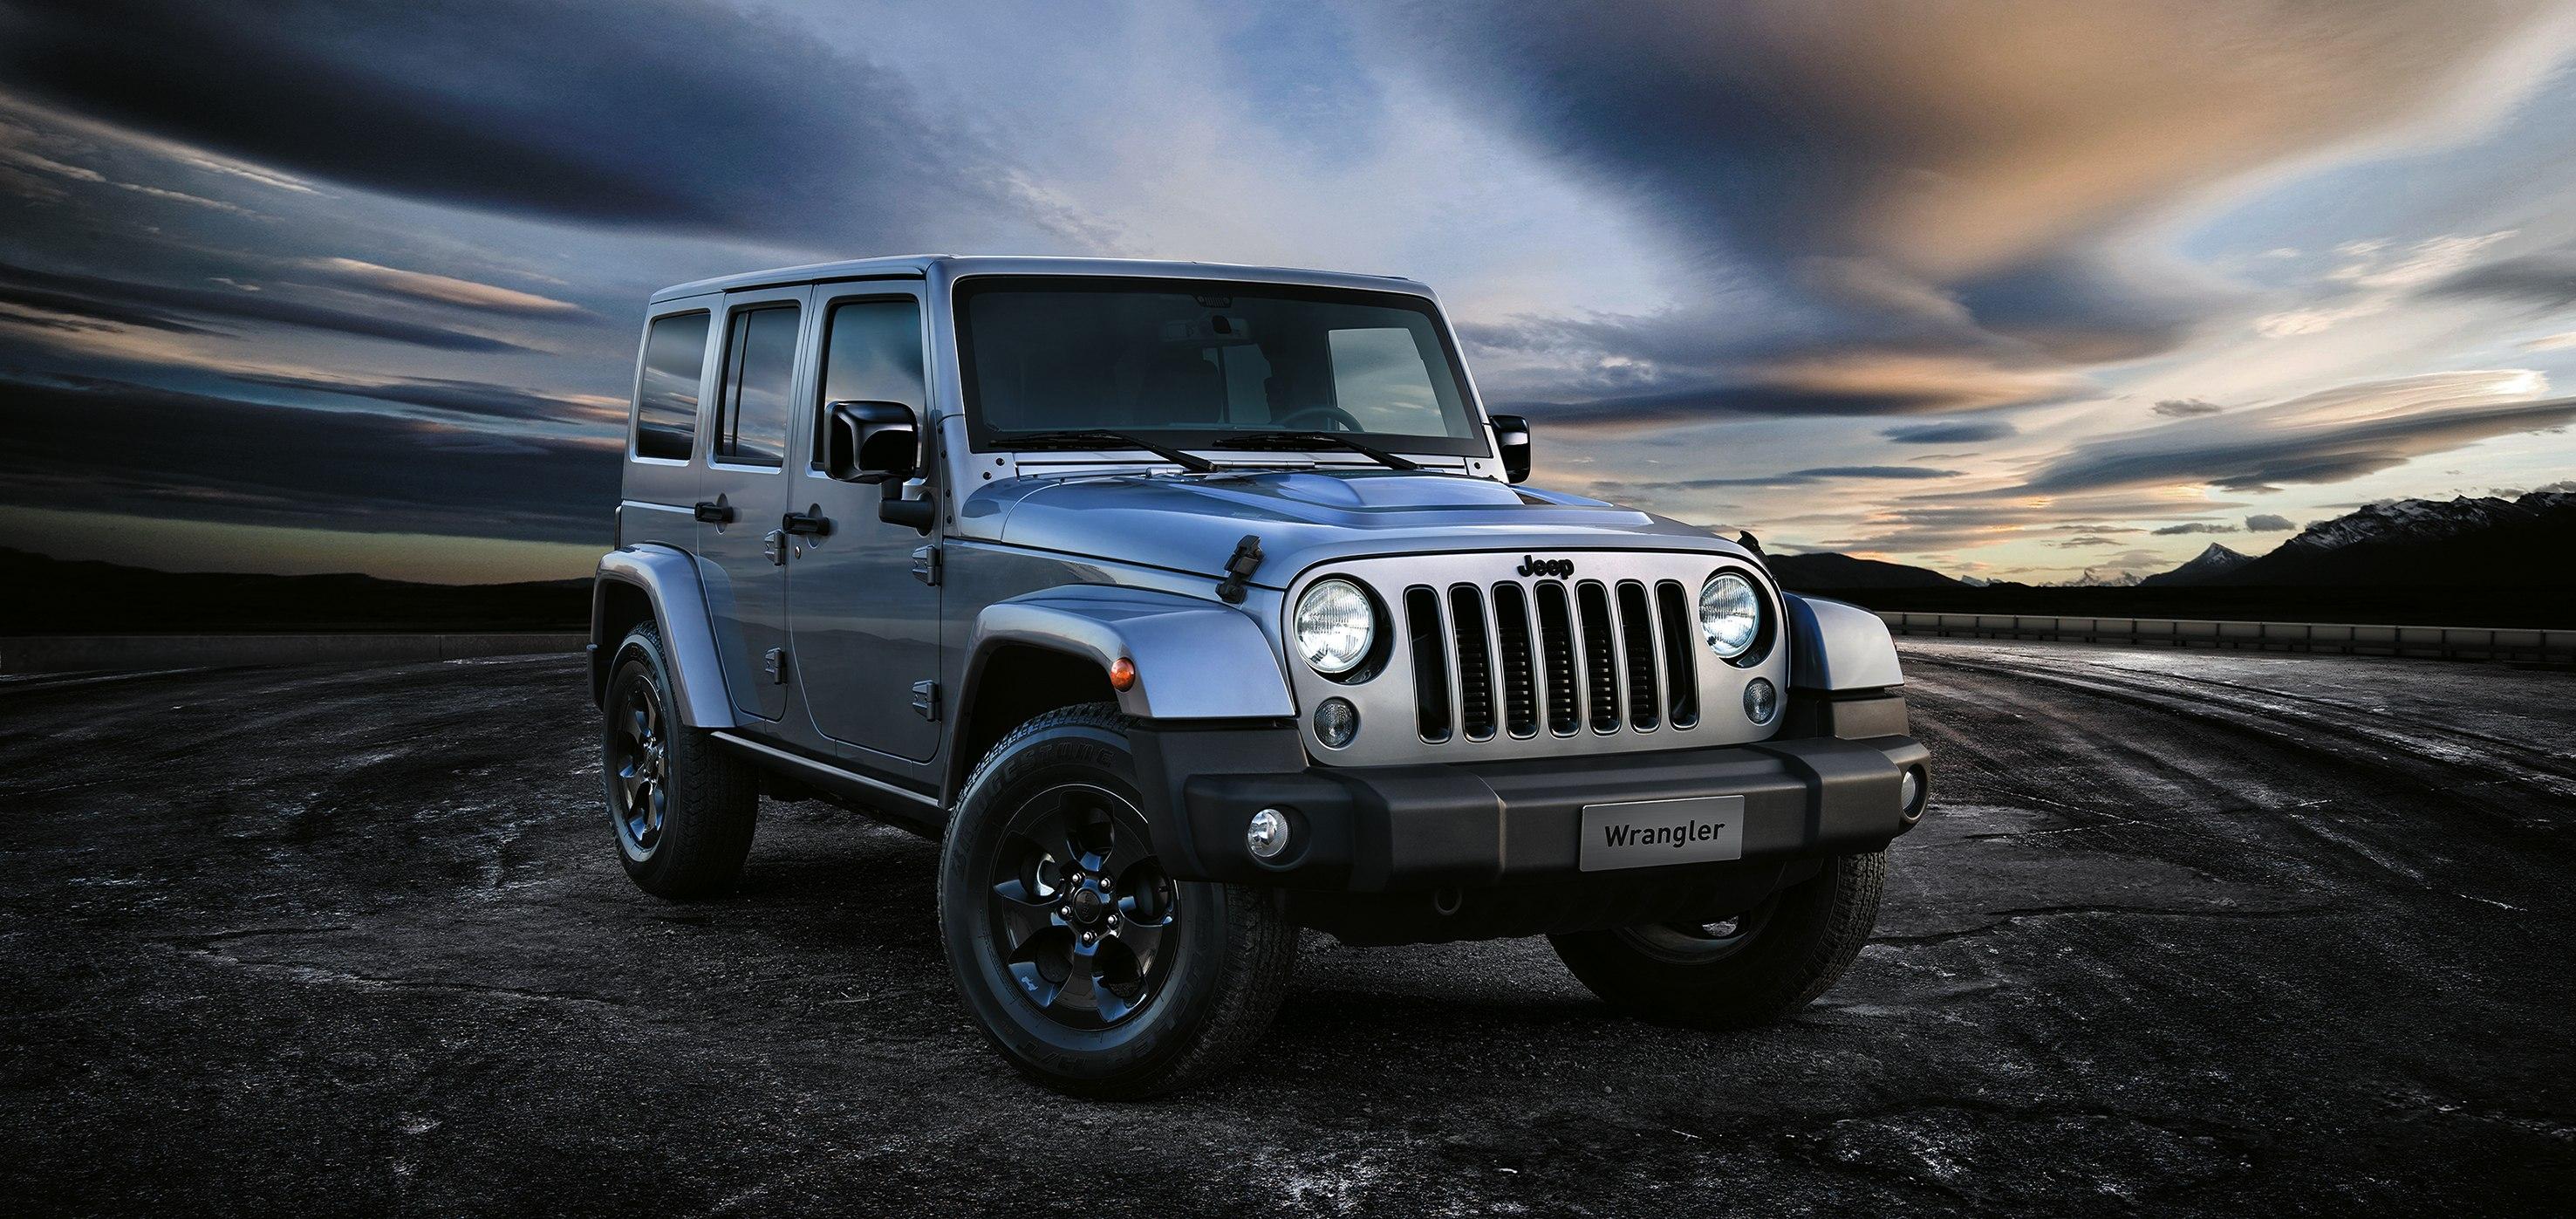 Nuevo Jeep Wrangler Black Edition II, estreno en Ginebra y a la venta en verano